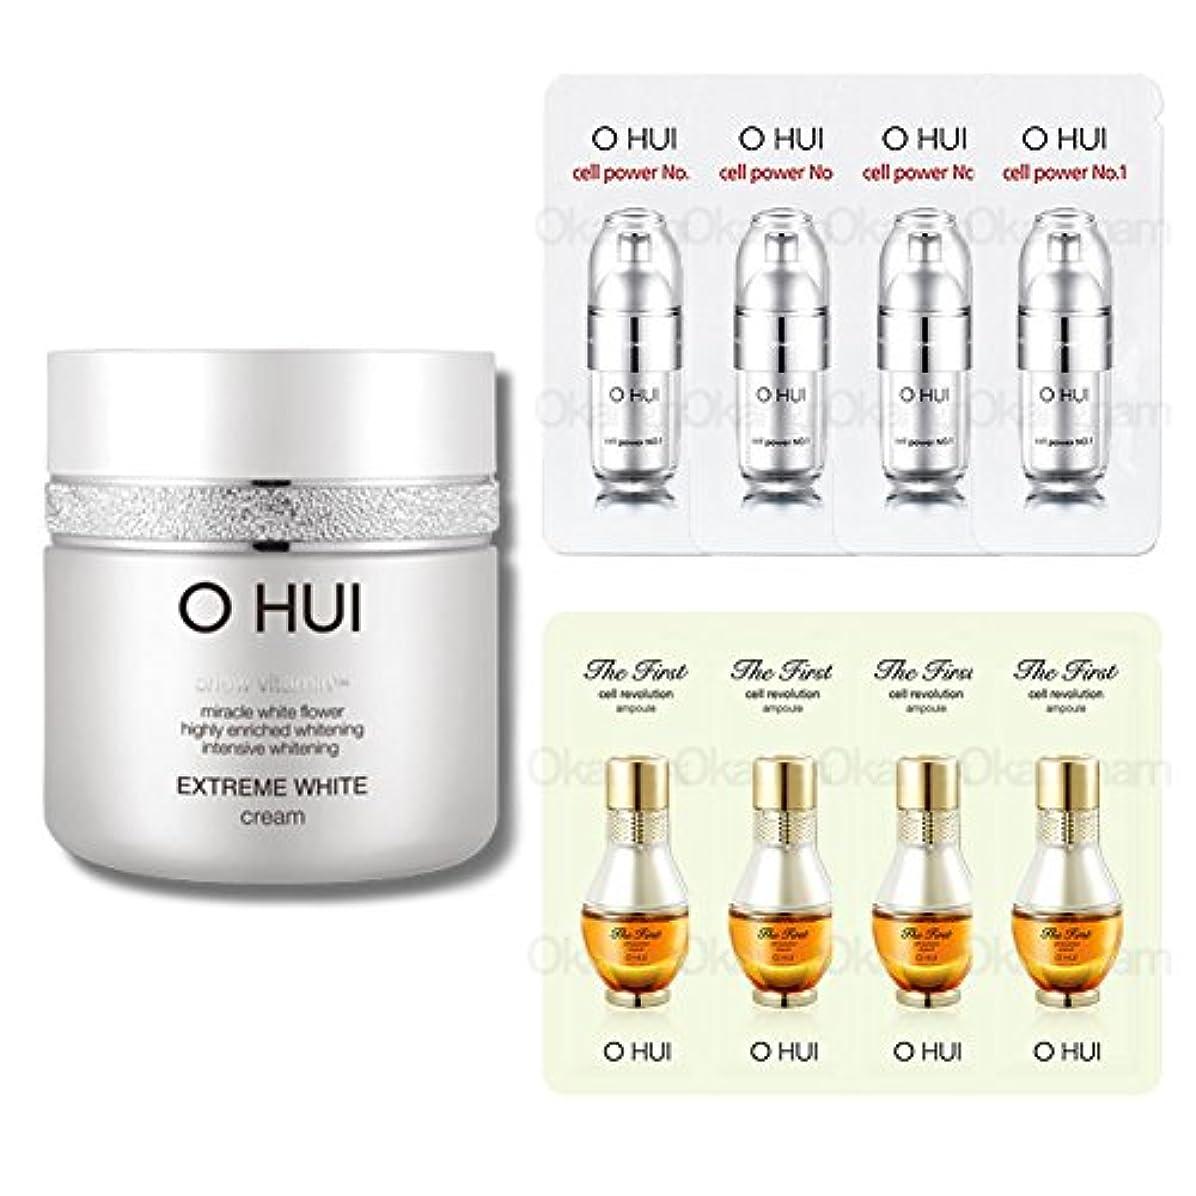 寝てるしなやか学校[オフィ/ O HUI]韓国化粧品 LG生活健康/ OHUI OEW04 EXTREME WHITE CREAM/オフィ エクストリーム ホワイトクリーム 50ml +[Sample Gift](海外直送品)